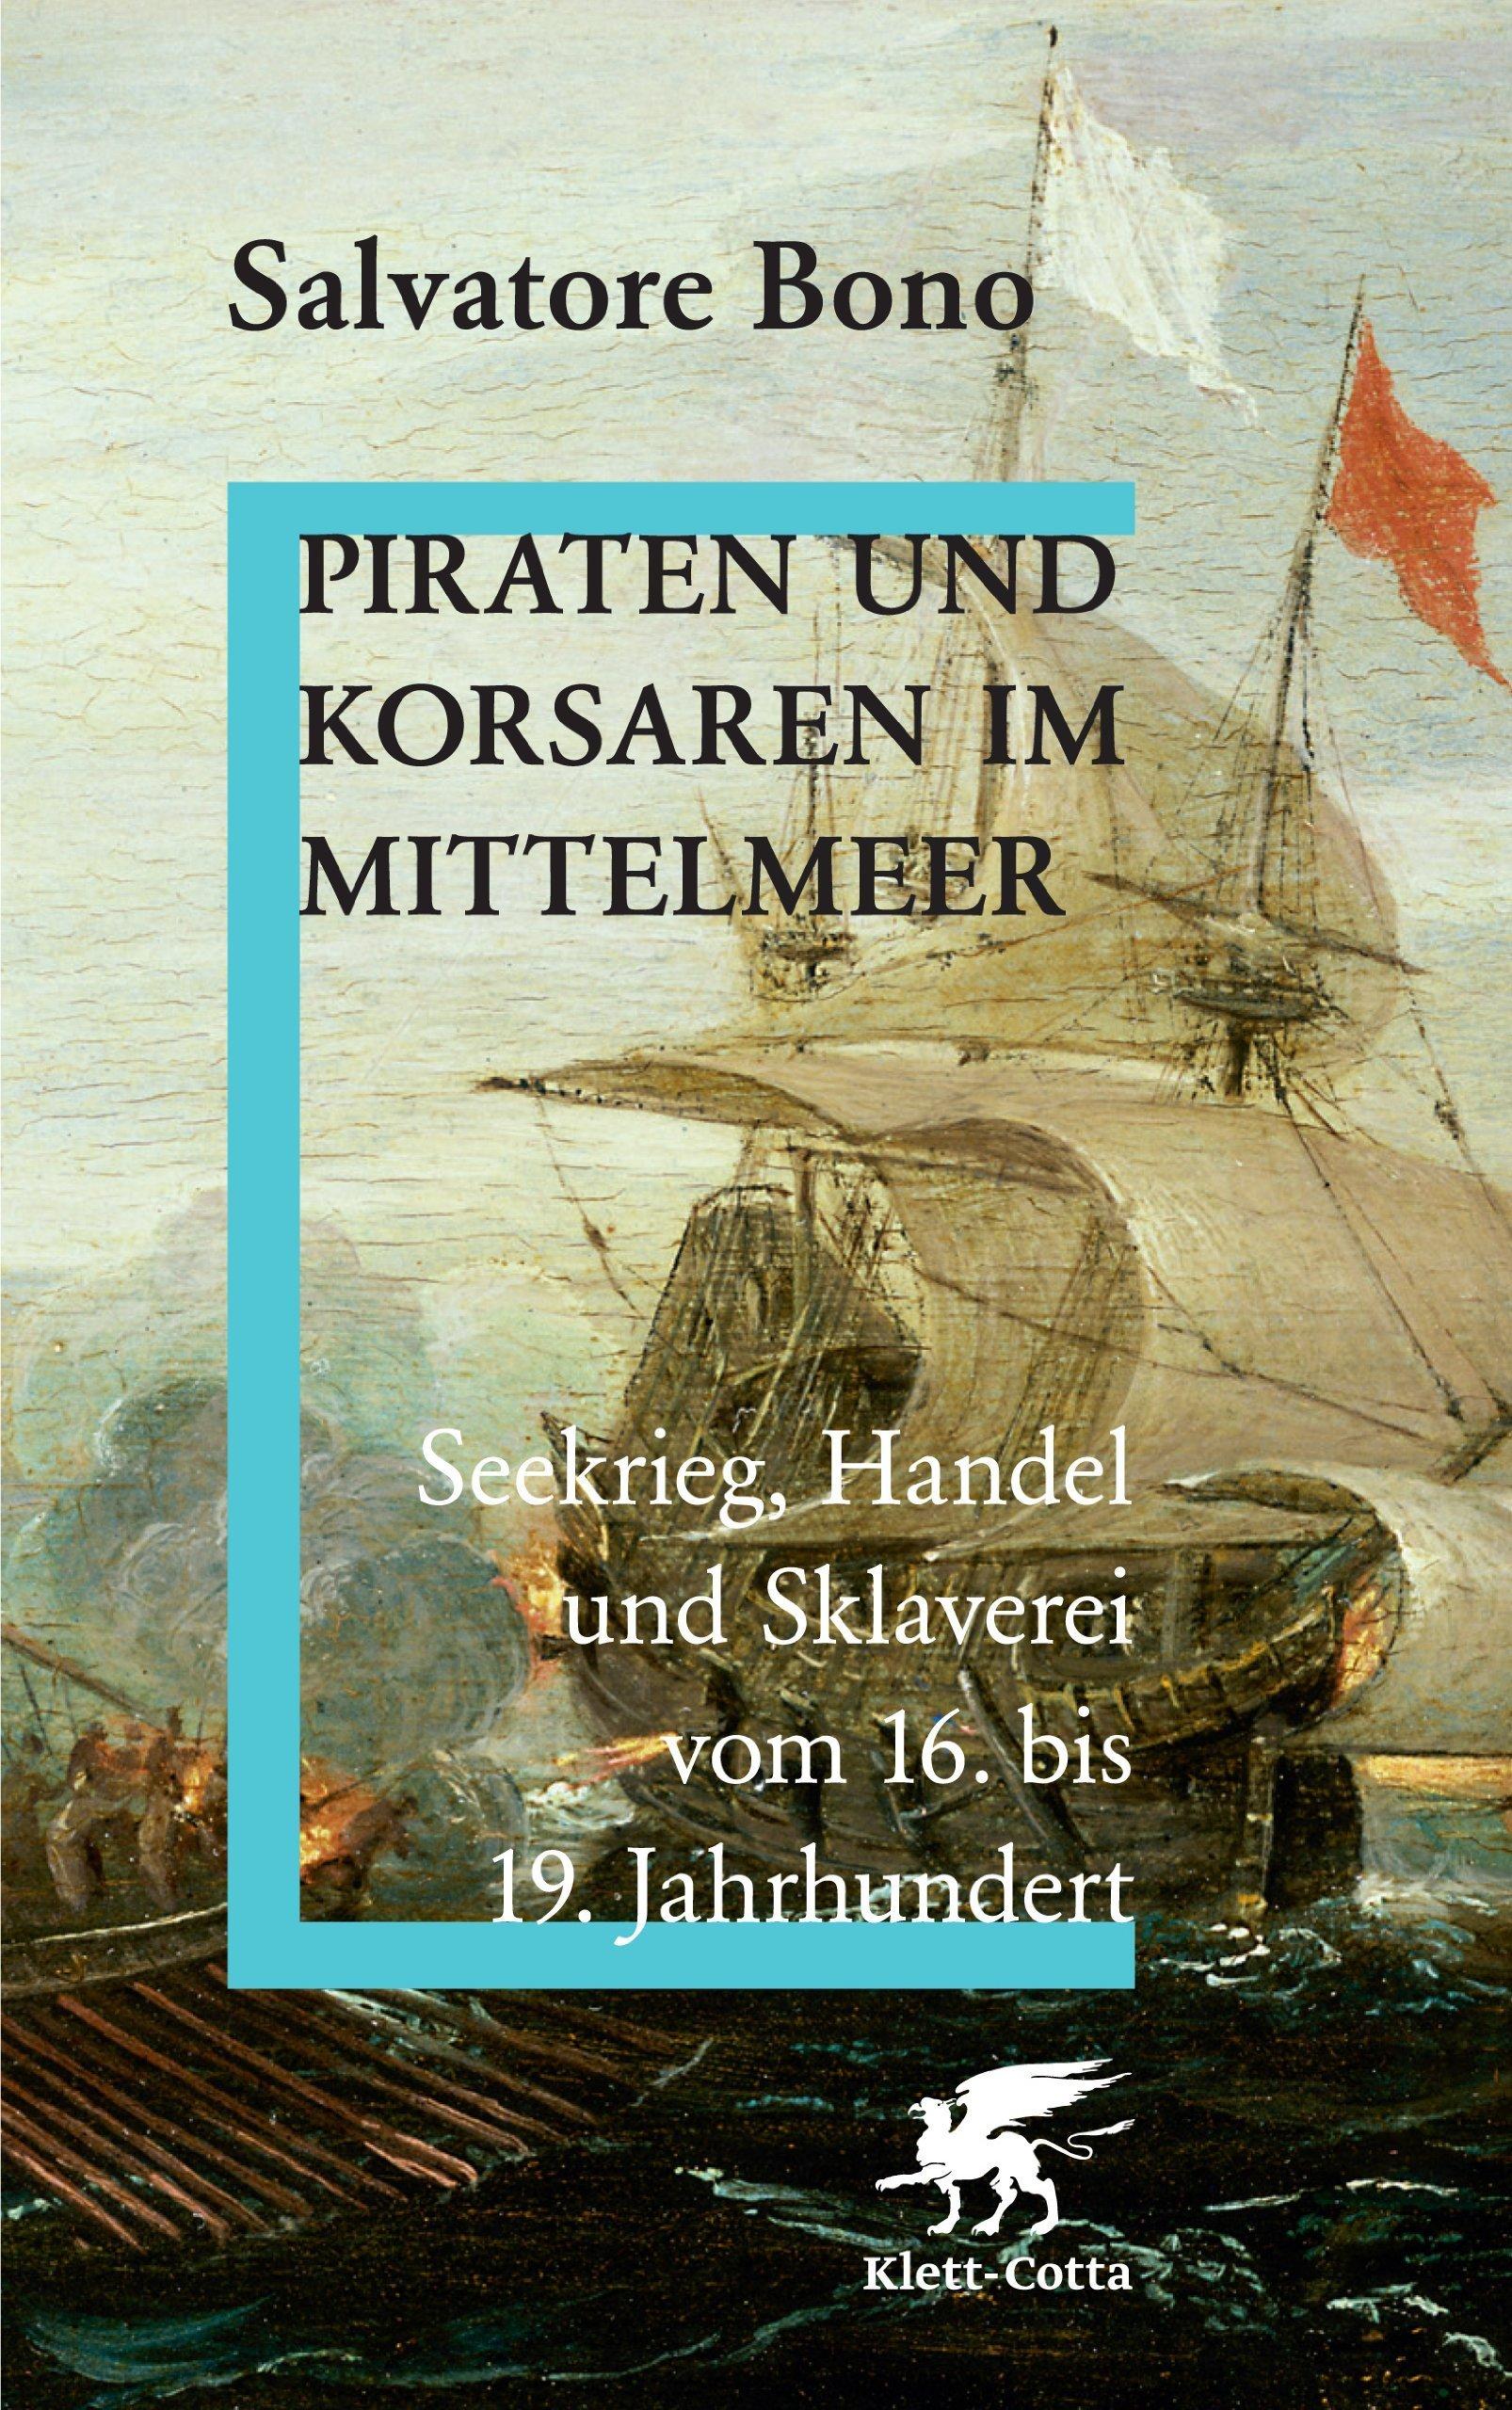 Piraten und Korsaren im Mittelmeer: Seekrieg, Handel und Sklaverei vom 16. bis 19. Jahrhundert von Salvatore Bono (1. September 2009) Gebundene Ausgabe